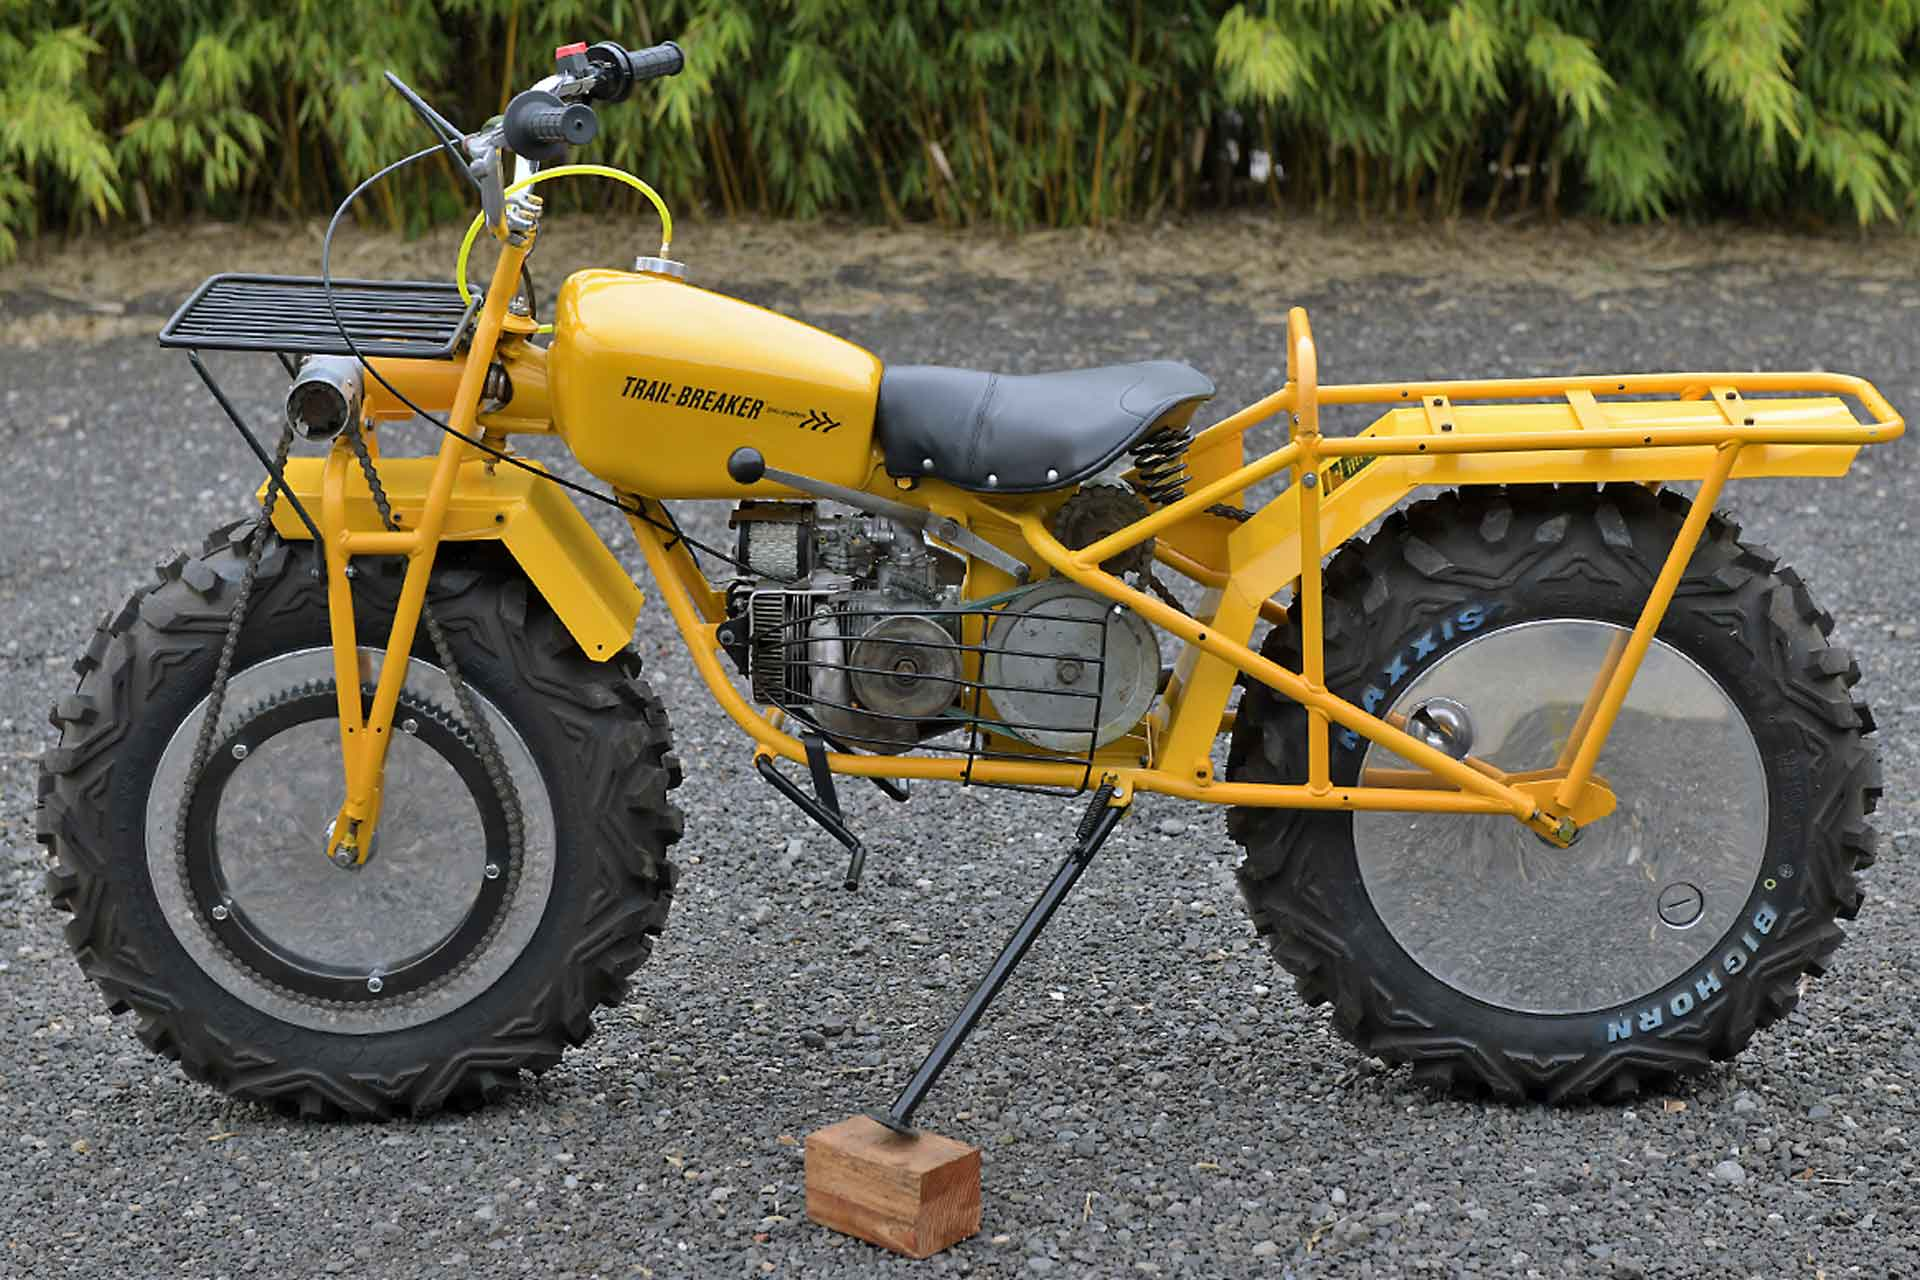 1970 Rokon Trail-Breaker Motorcycle